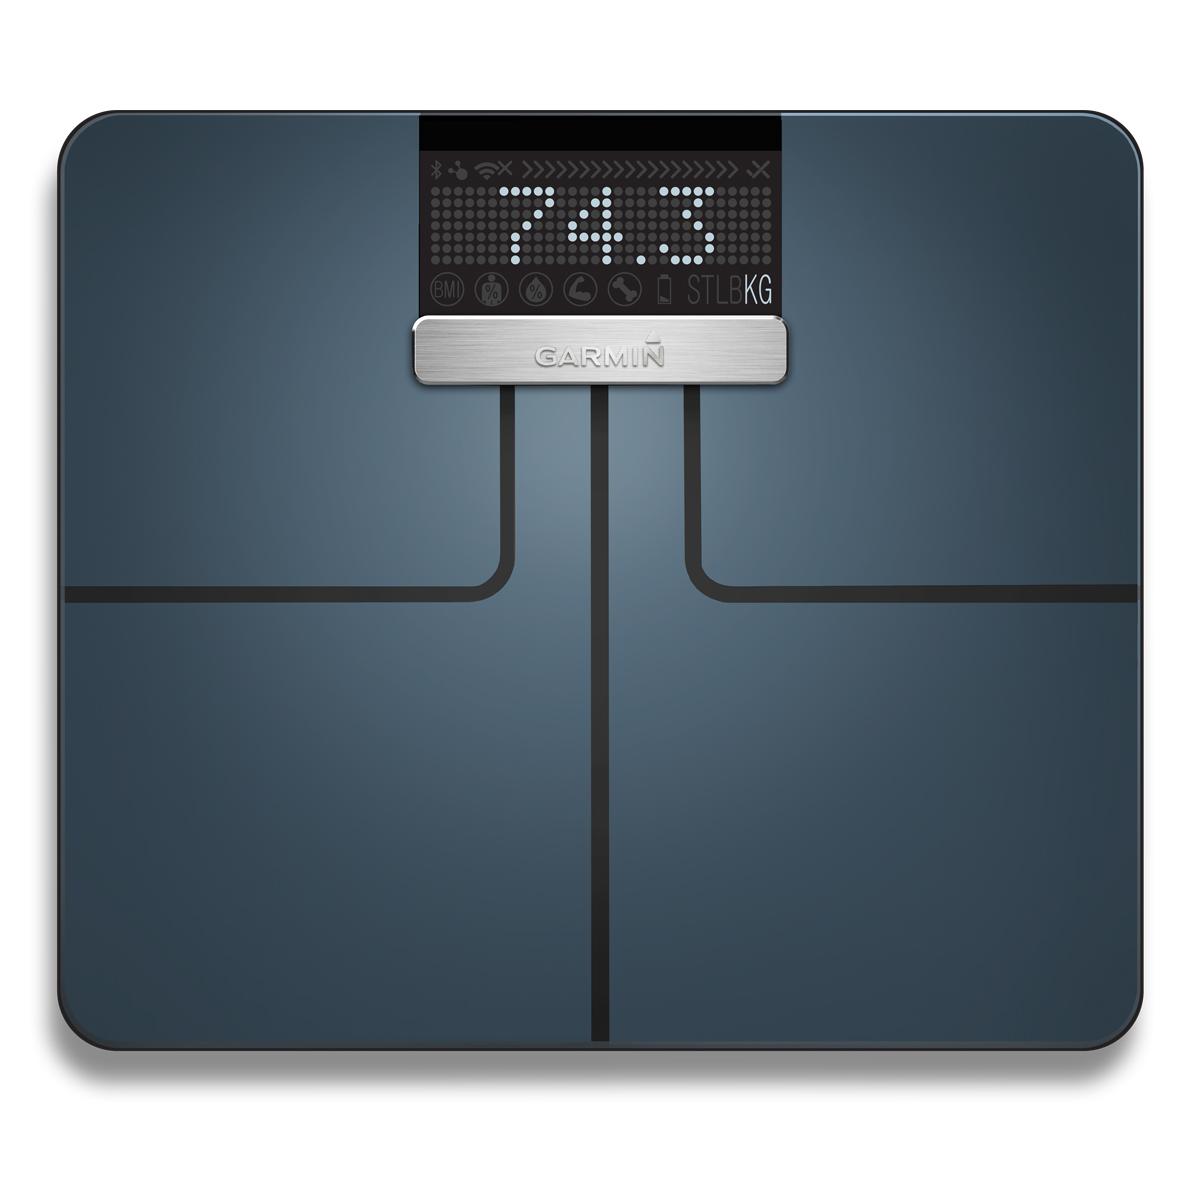 Напольные весы Garmin Index , цвет: черный. 010-01591-10010-01591-10Смарт-весы Garmin Index, предназначенные как для профессиональных спортсменов, так и для любителей здорового образа жизни, предоставляют всю необходимую информацию для наблюдения за прогрессом и отслеживания результатов. Устройство измеряет вес (в фунтах, килограммах или стоунах), индекс массы тела (BMI), процент содержания жировой ткани/ воды, костную массу и мышечную массу. Питание: 4 батареи AA.